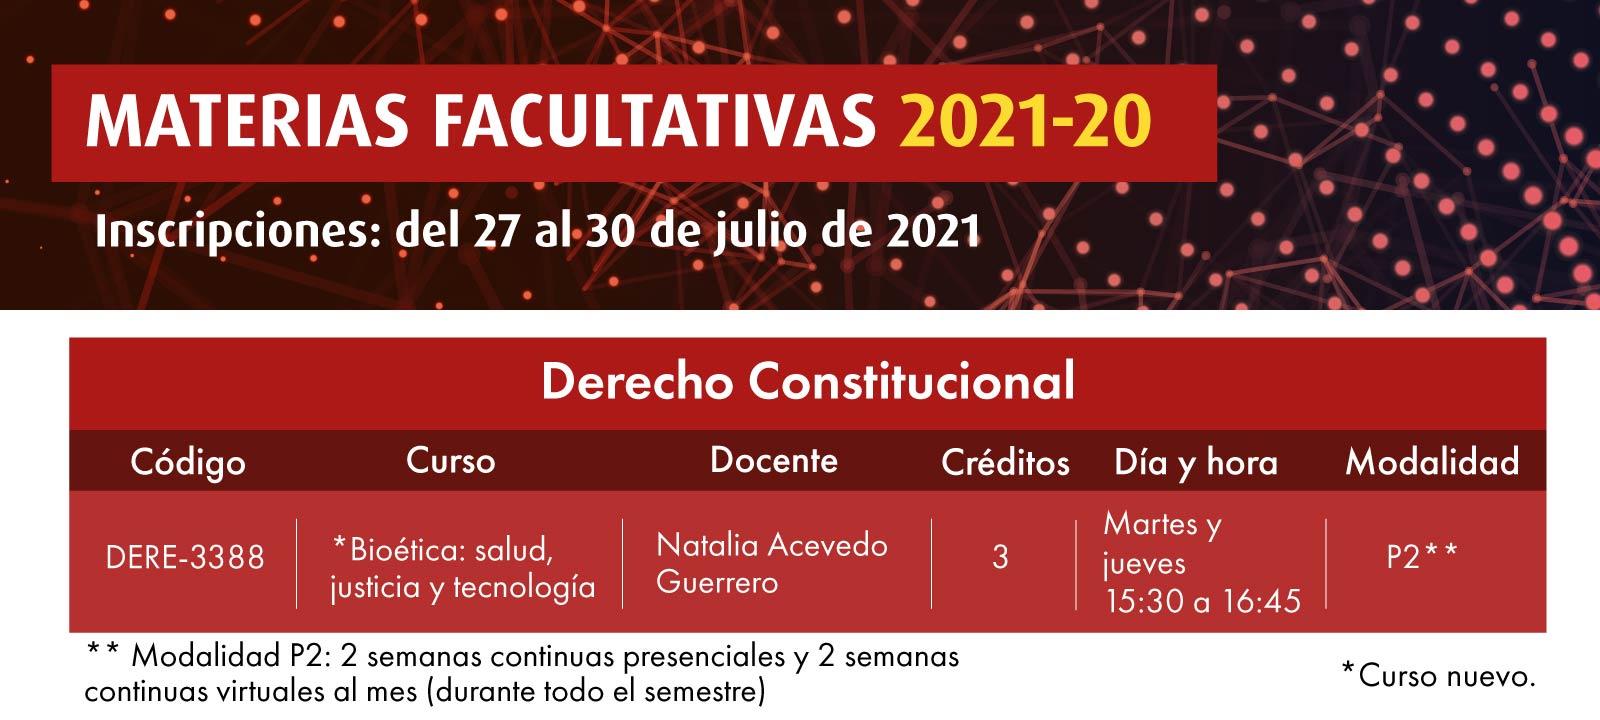 Facultativa 2021-20: Bioética: salud, justicia y tecnología | Derecho | Uniandes